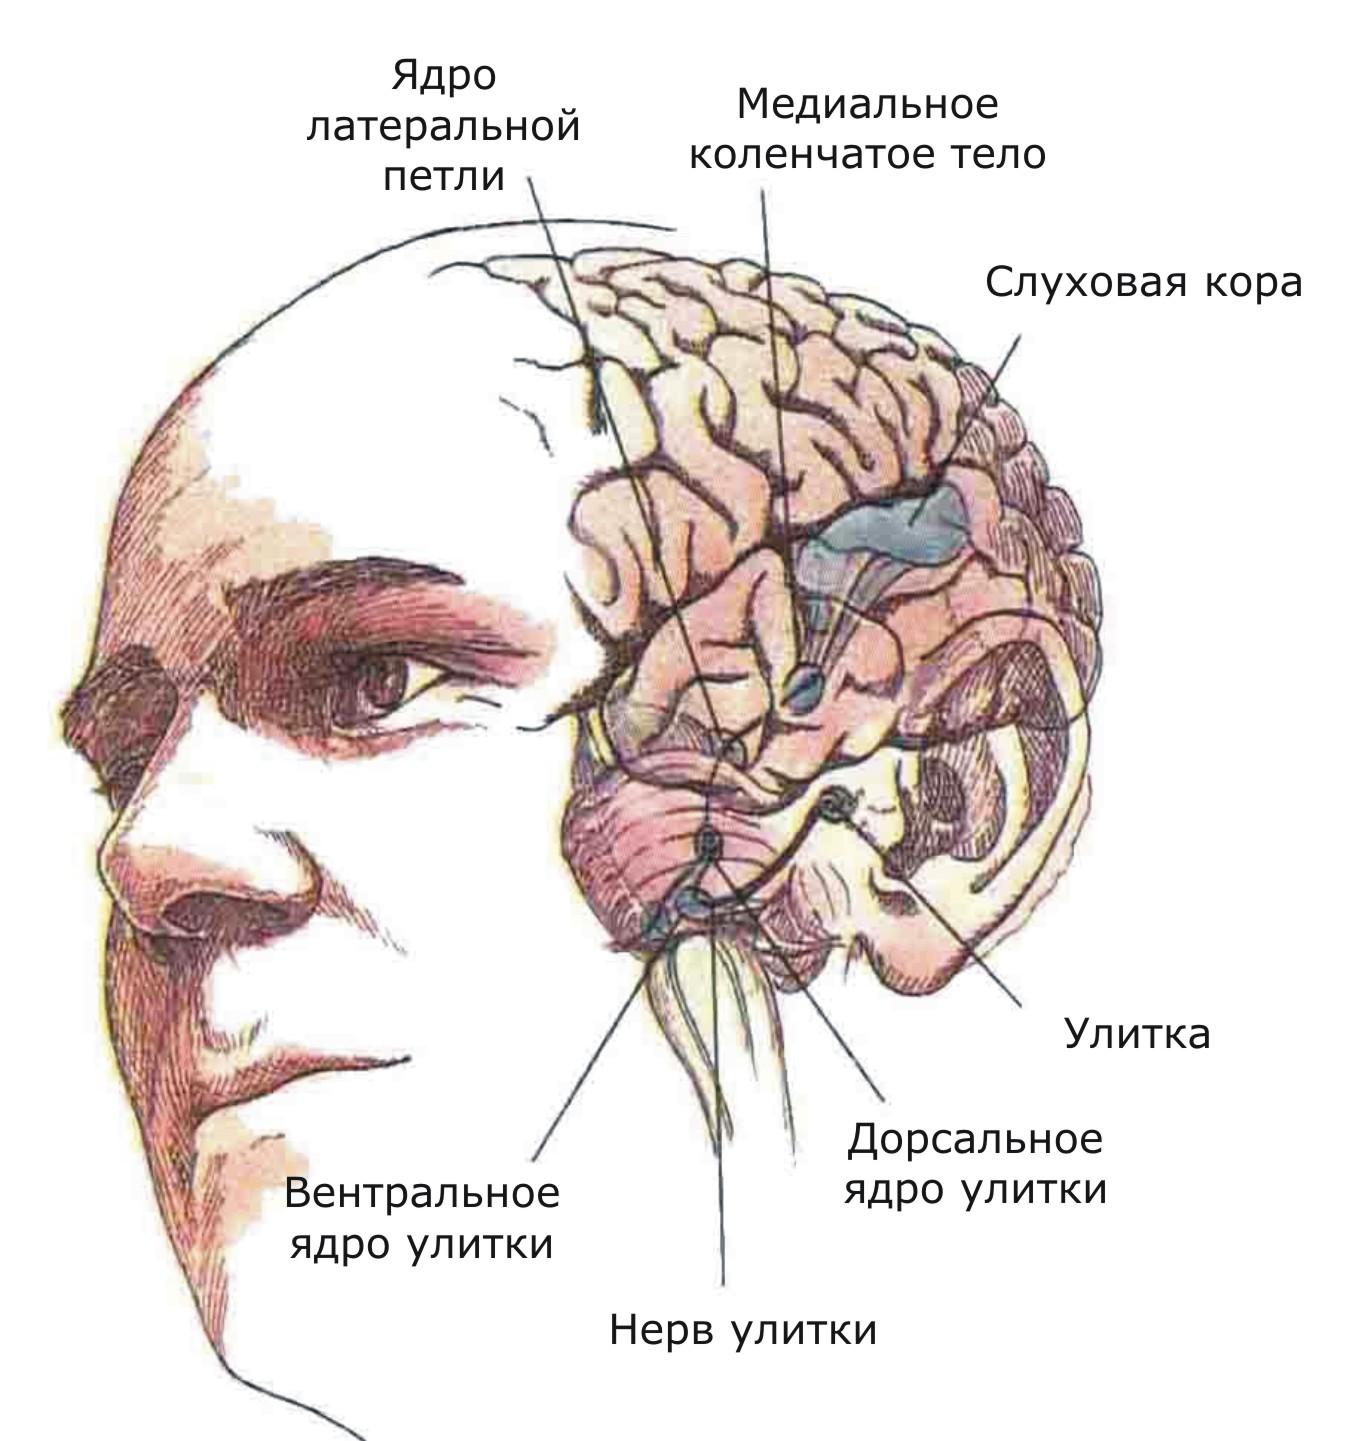 Показаны связи, идущие от первичных рецепторов улитки через таламус к первичной слуховой зоне коры